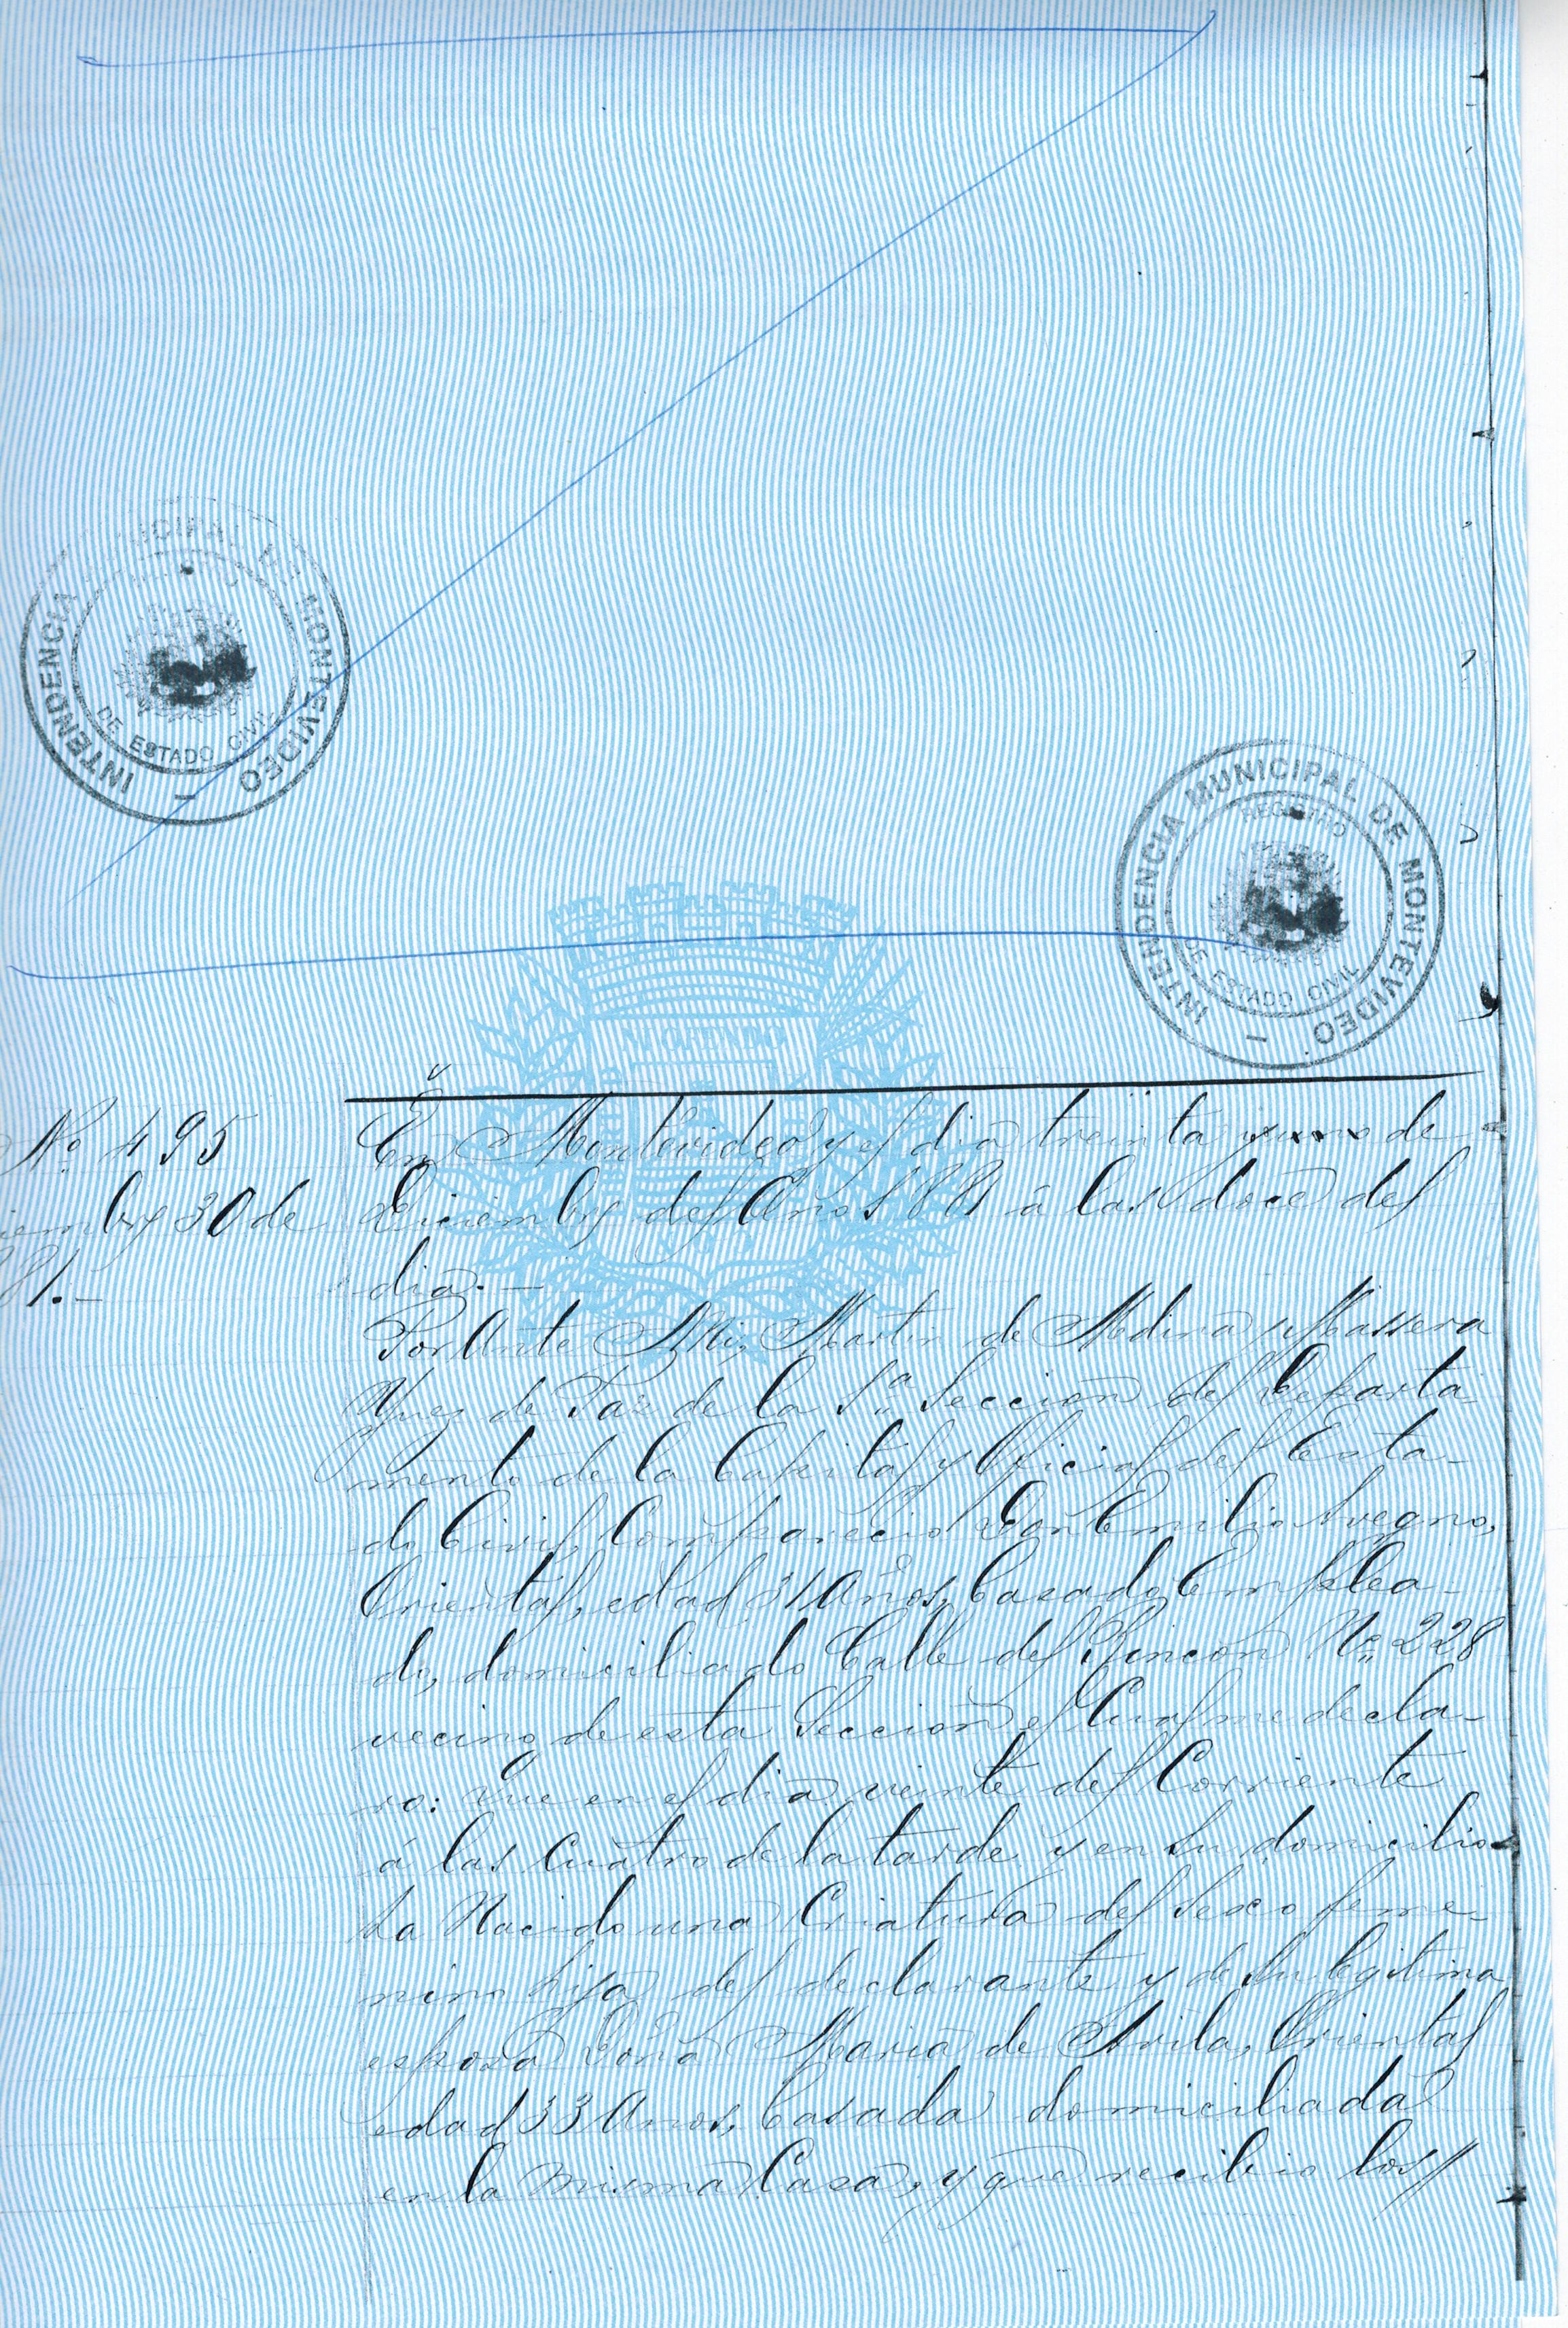 Archivo:Partida de nacimiento de Irma Avegno, página 1.jpg ...